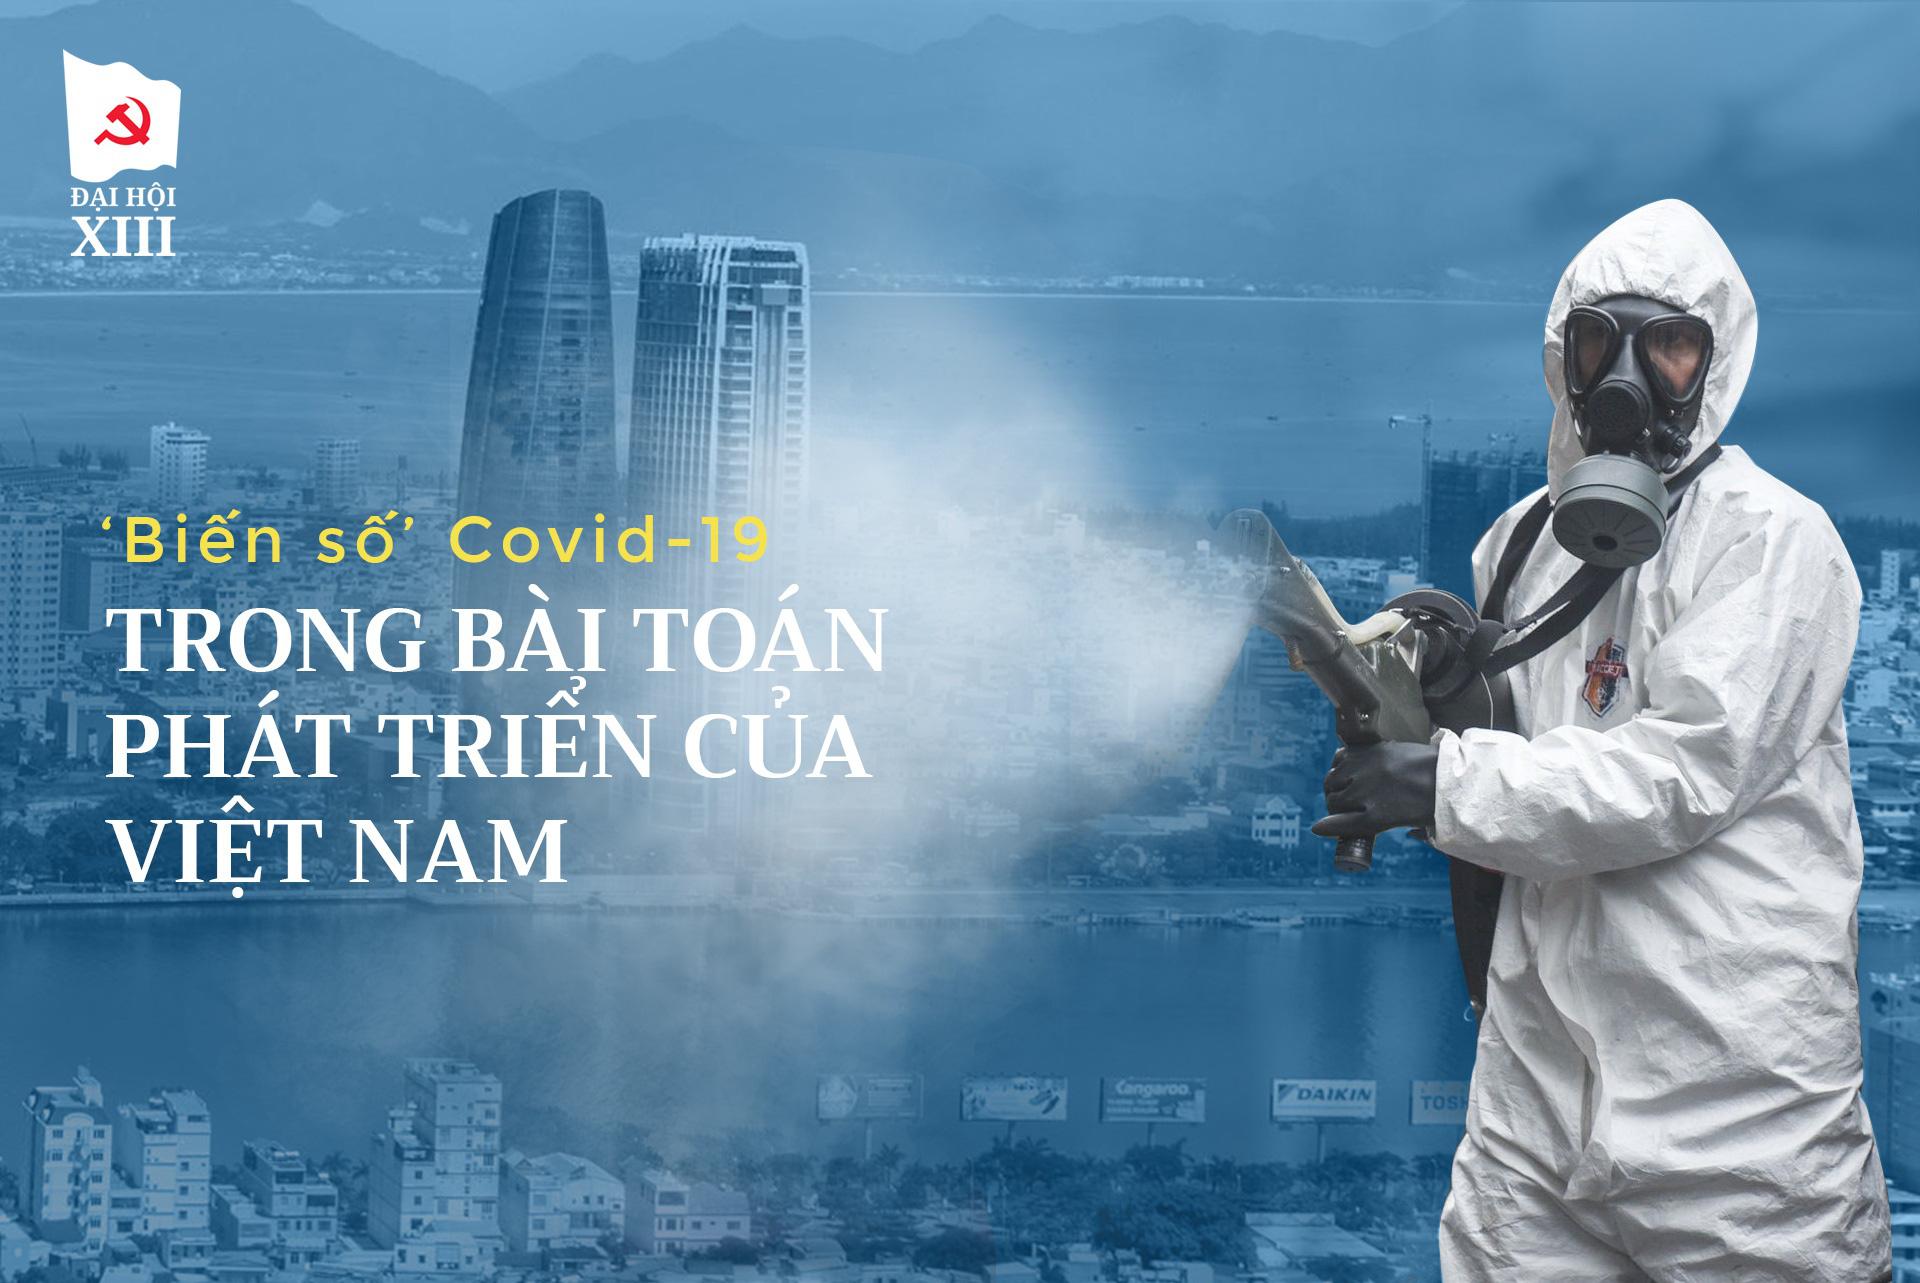 'Biến số' Covid trong bài toán phát triển của Việt Nam - Ảnh 1.